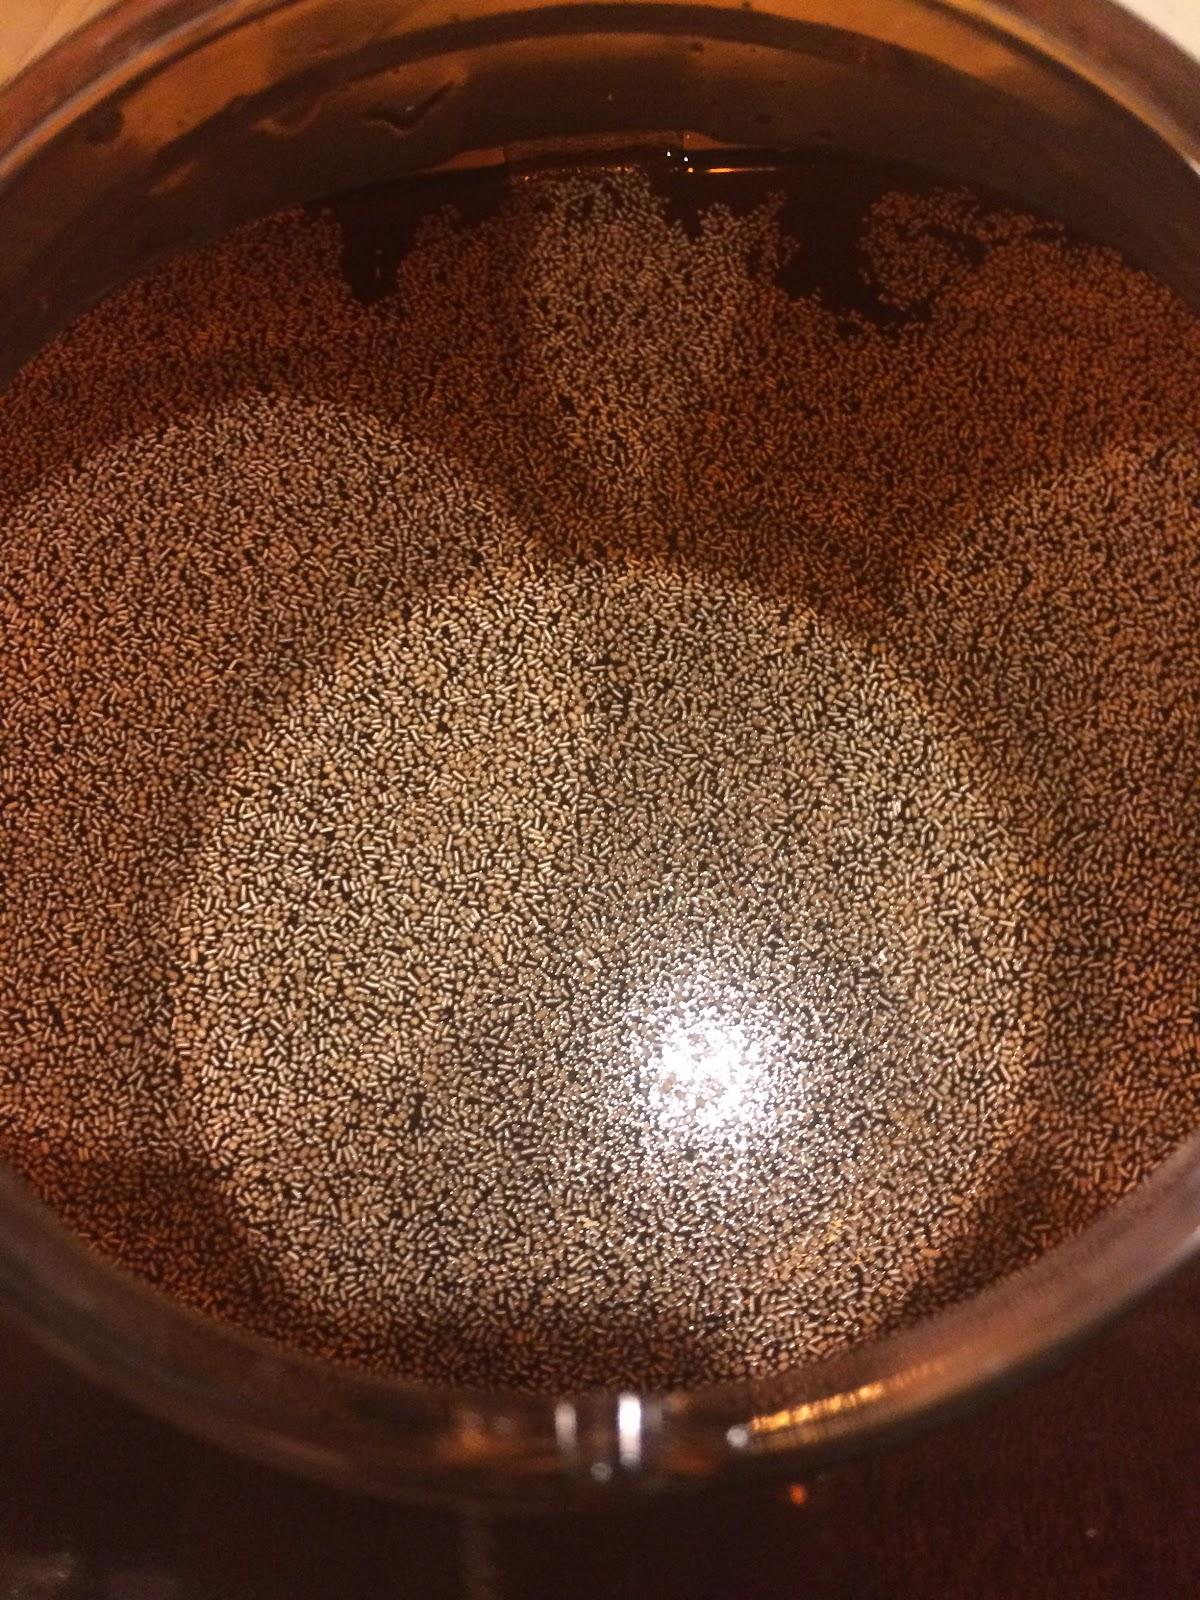 Yeast in Mr. Beer Keg